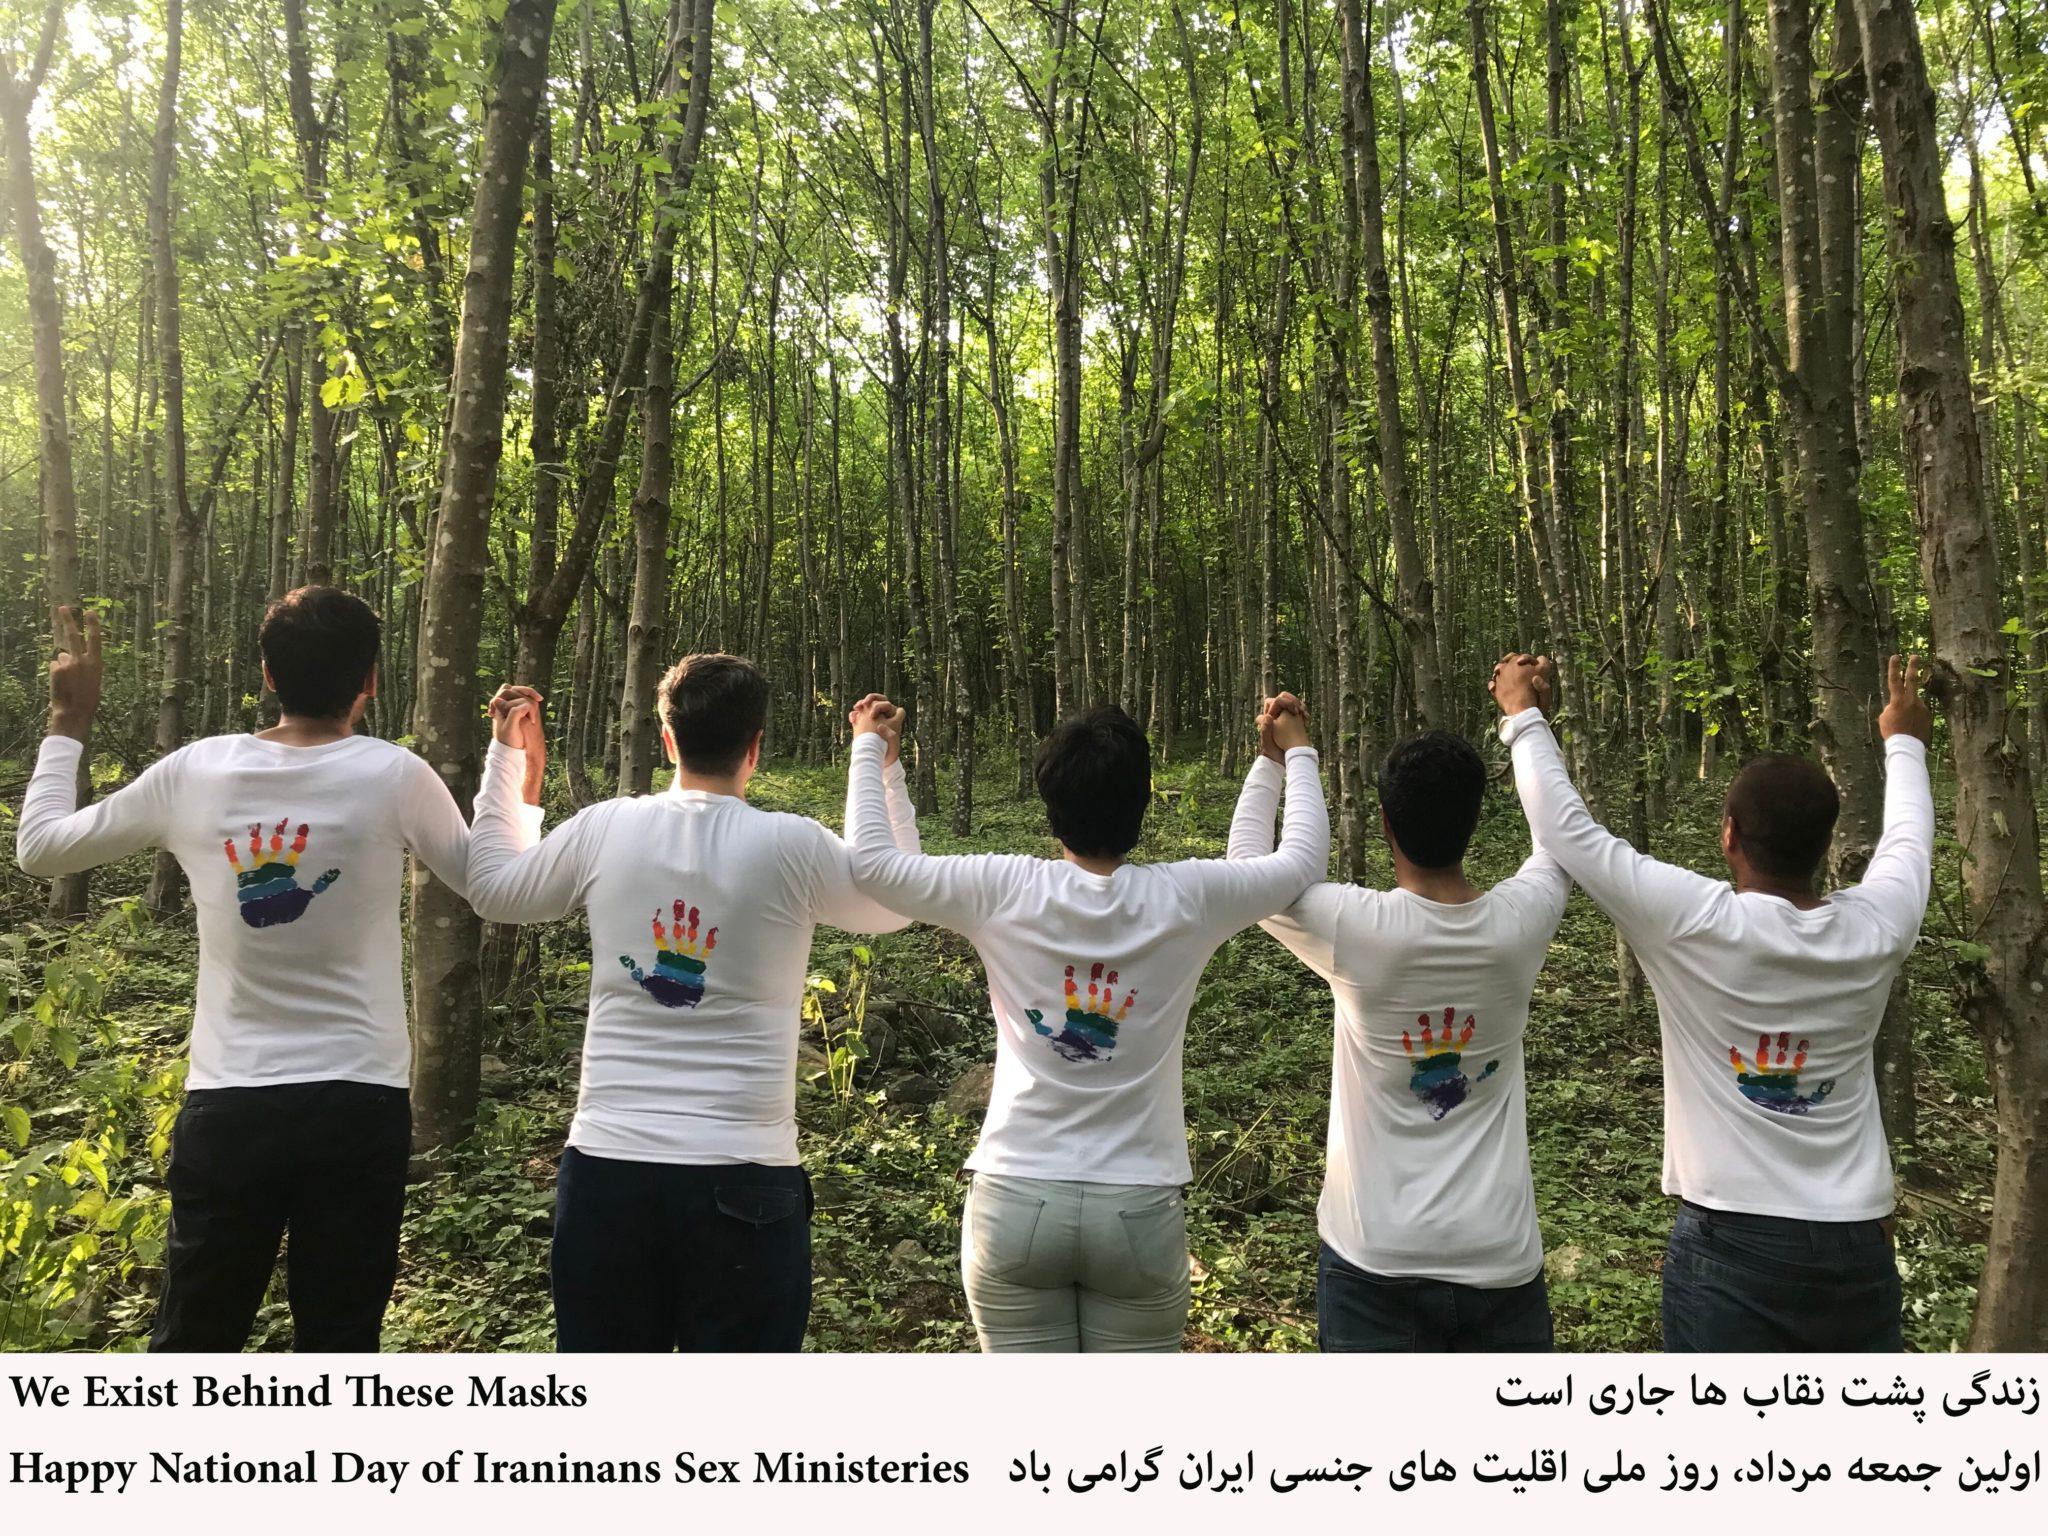 روز ملی اقلیتهای جنسی ایران در سال ۱۳۹۷